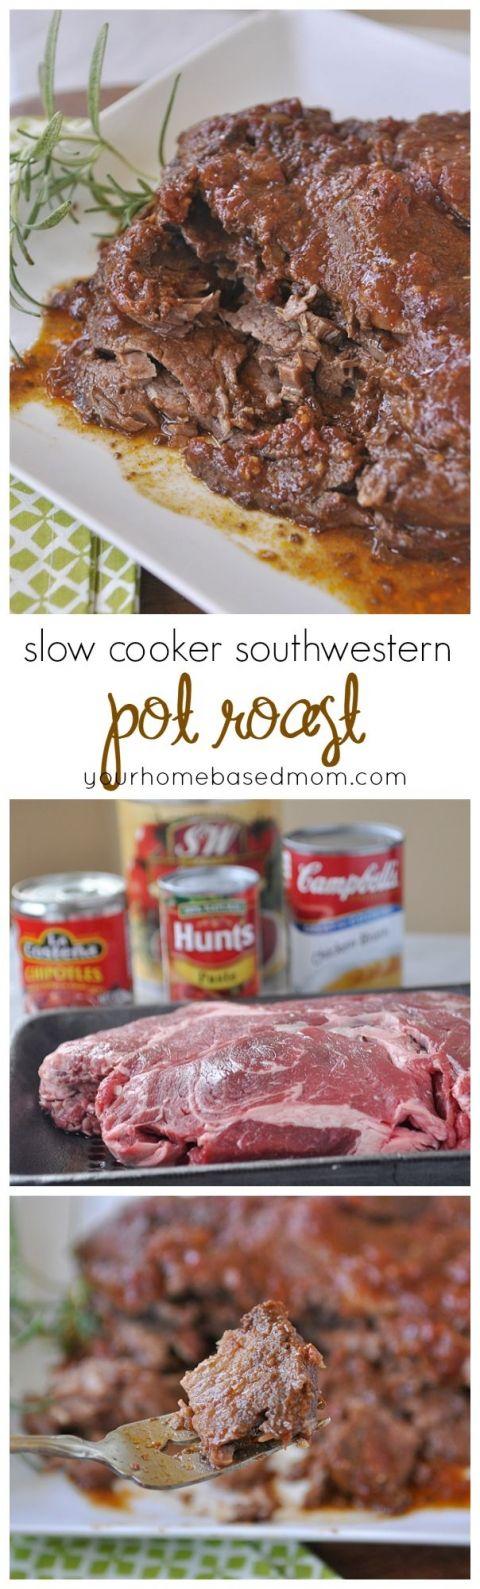 Slow Cooker Southwestern Pot Roast is the best pot roast!